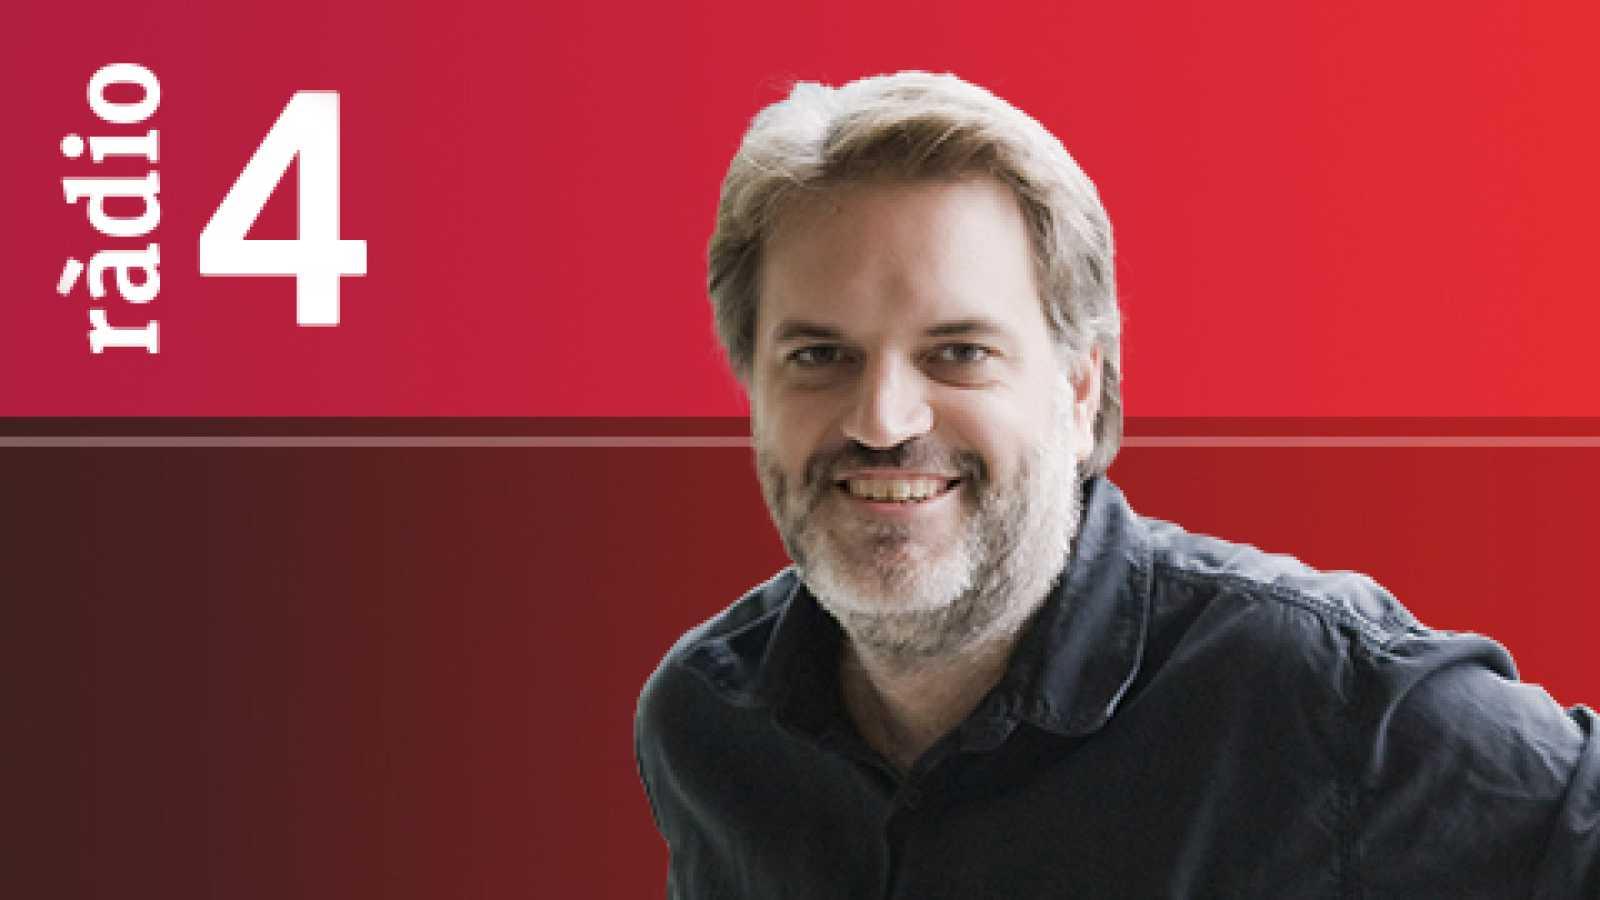 El matí a Ràdio 4 - Entrevista Josep Maria Álvarez, secretari general d'UGT a Catalunya